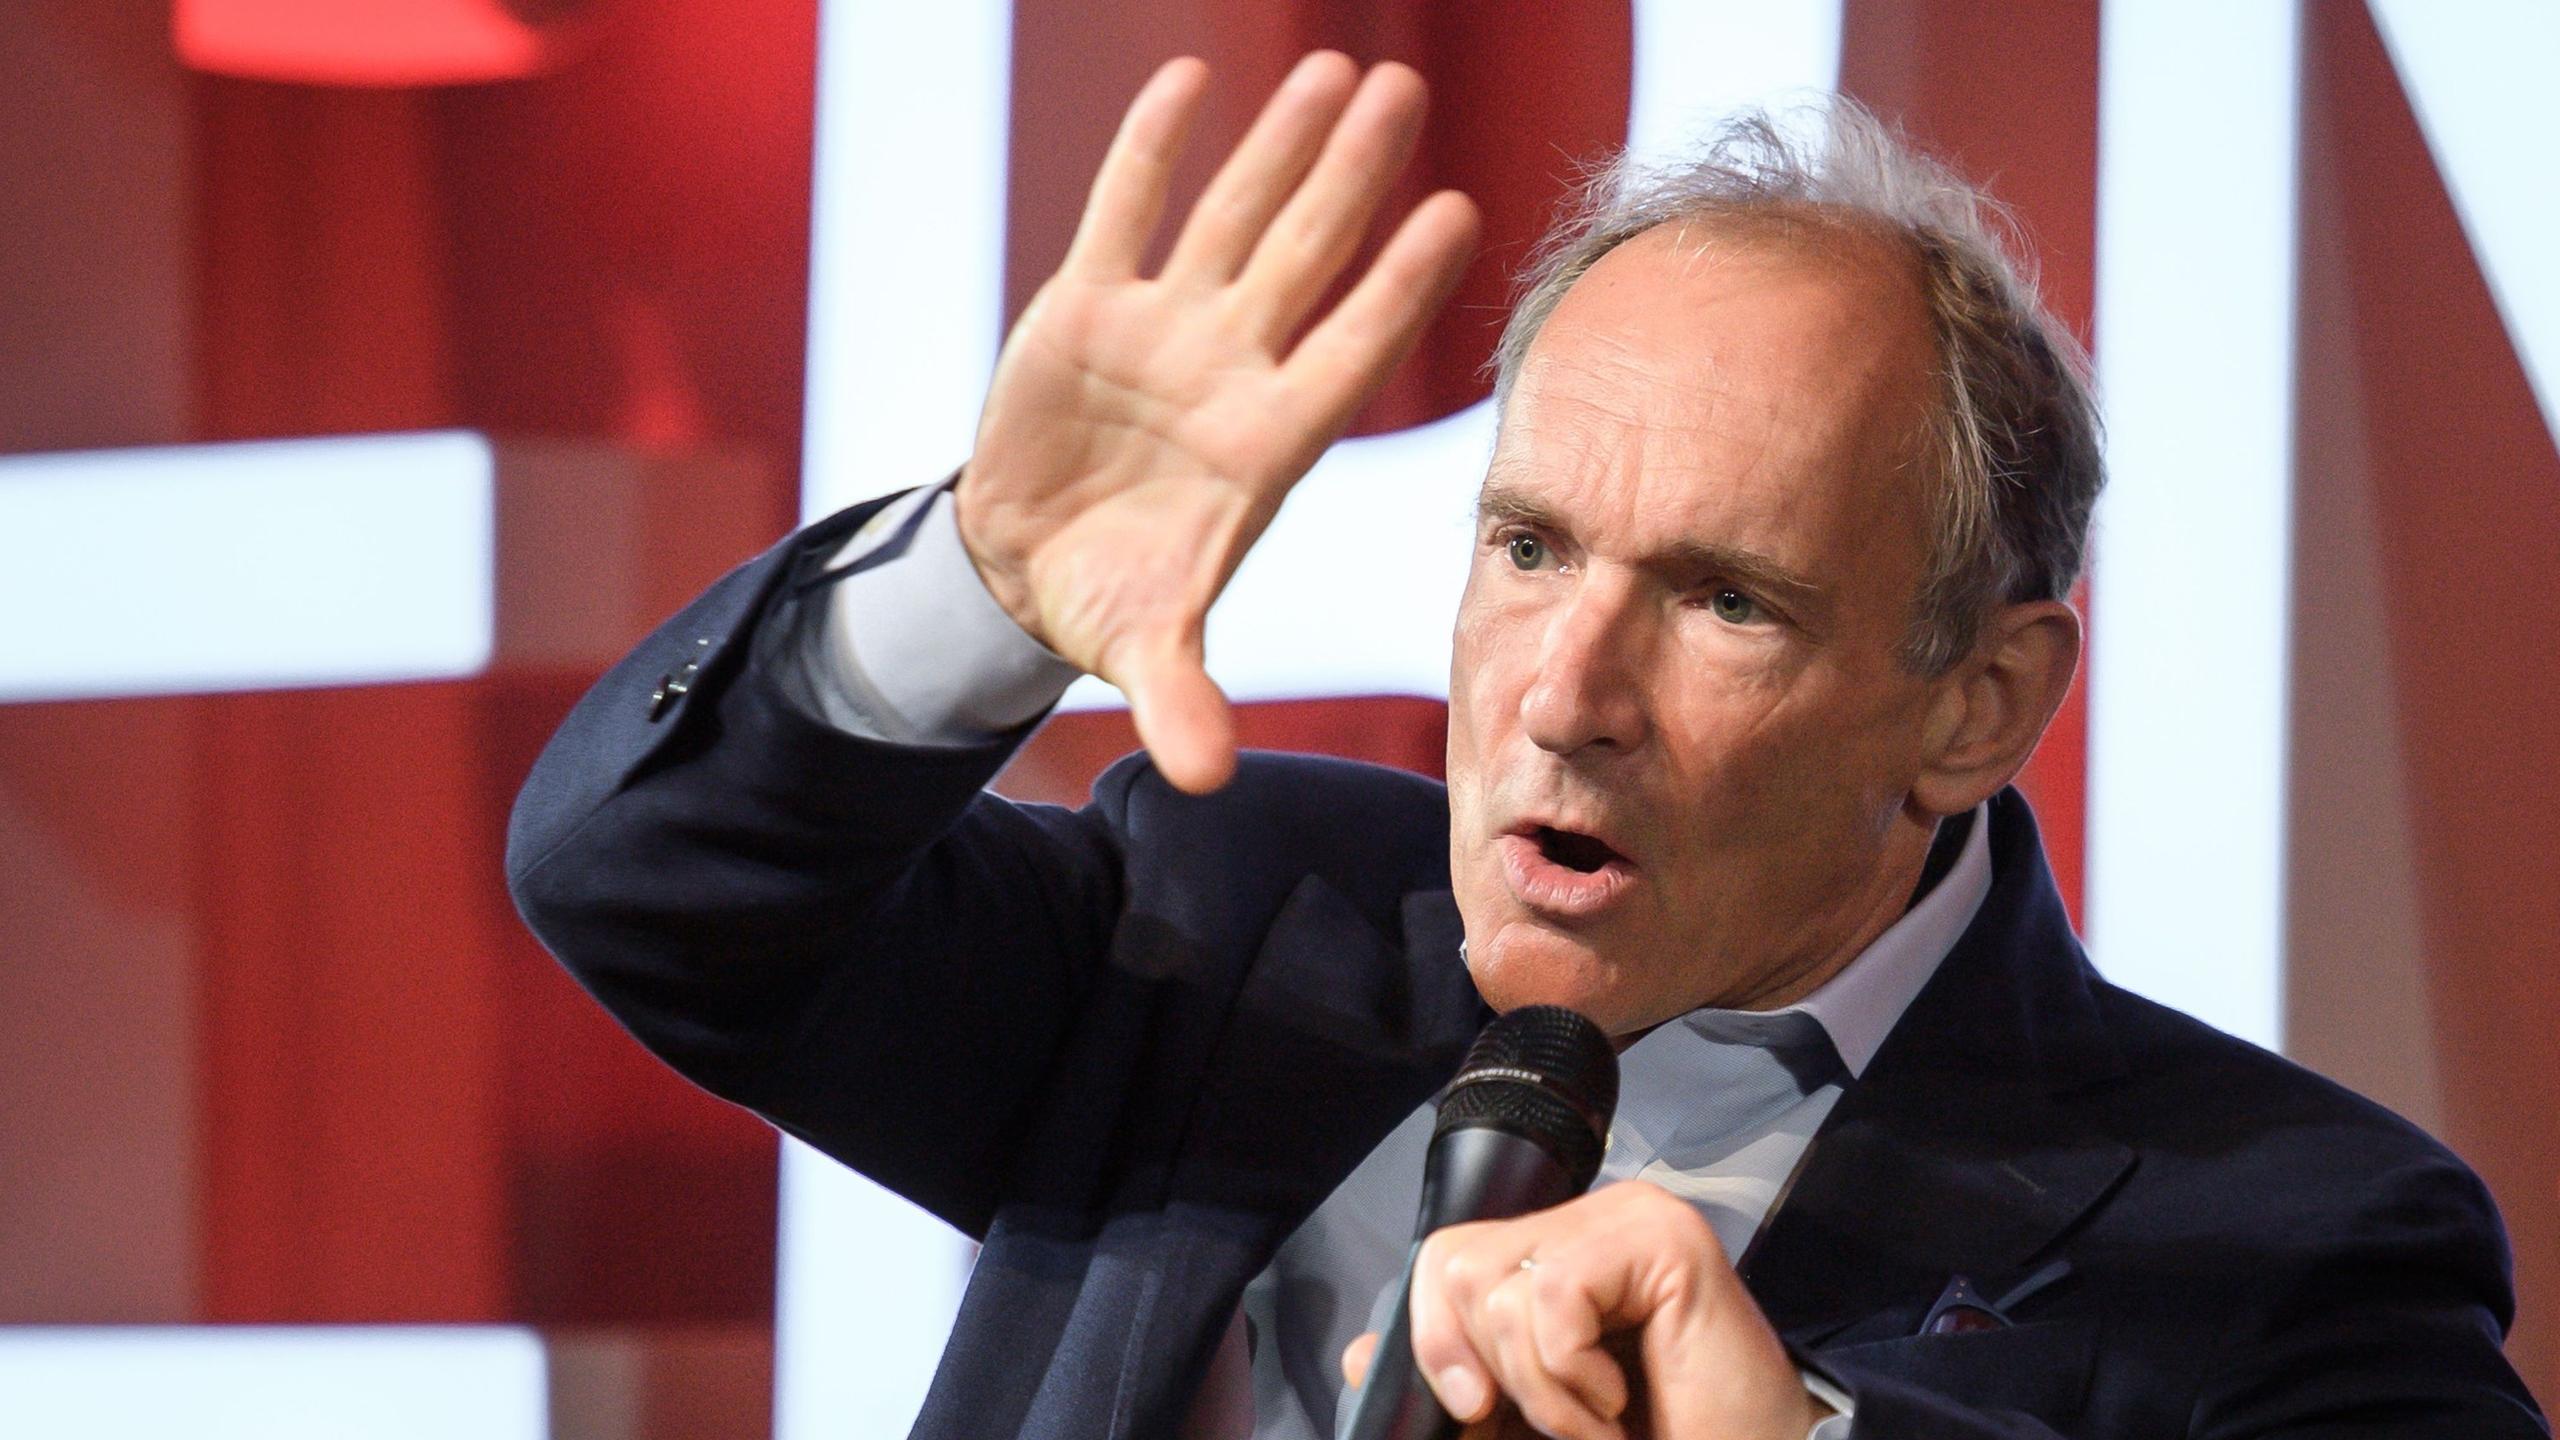 El padre de la web, Tim Berners-Lee, prepara para otro golpe maestro